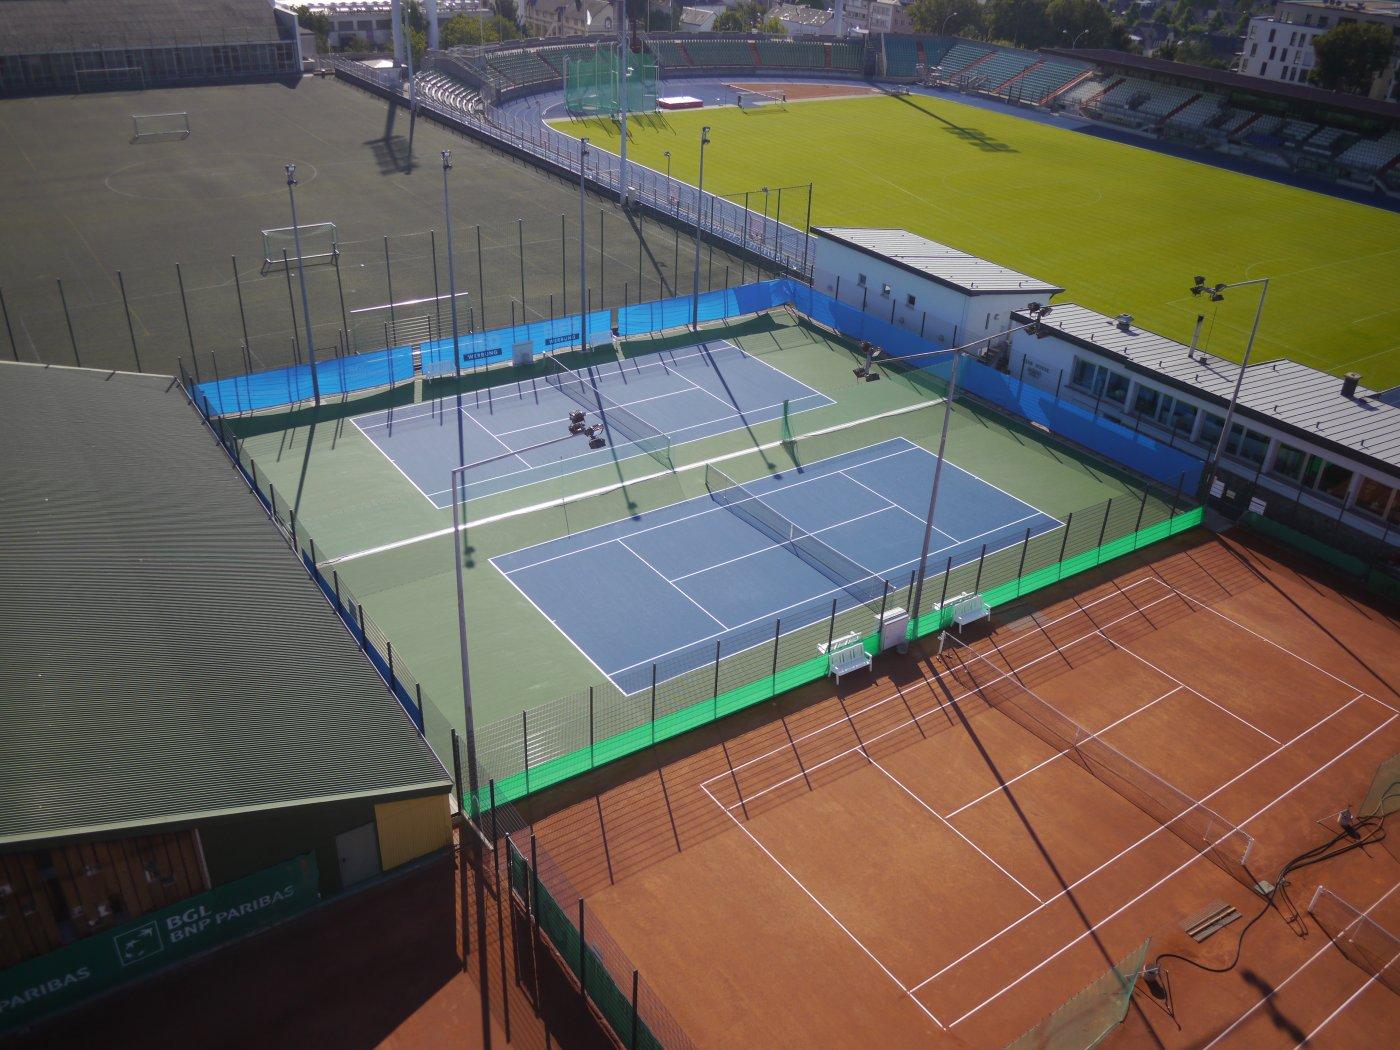 courts de tennis ville de luxembourg. Black Bedroom Furniture Sets. Home Design Ideas